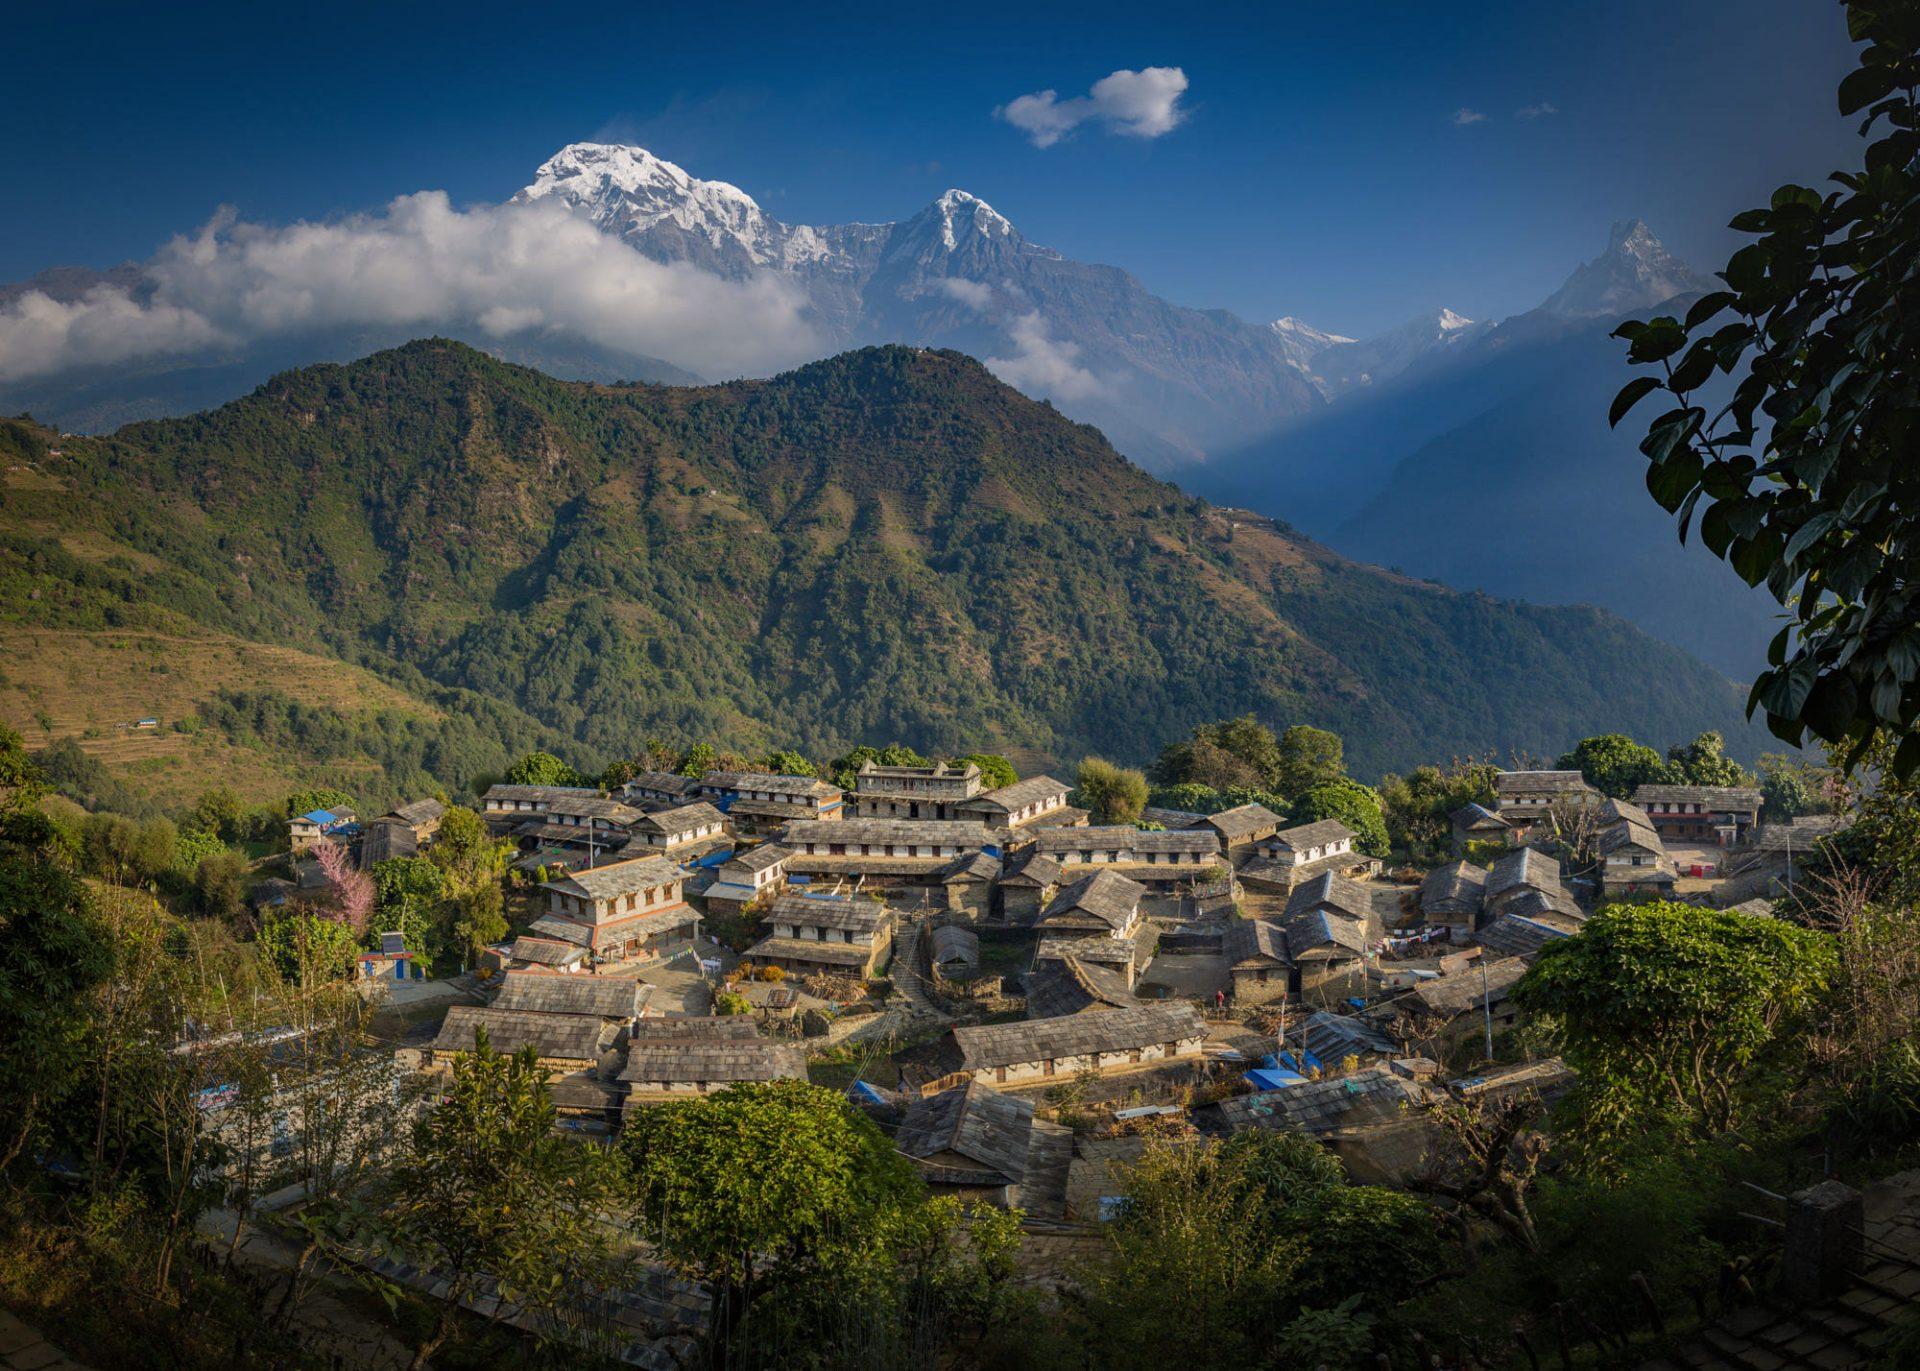 Ghandruk-Village